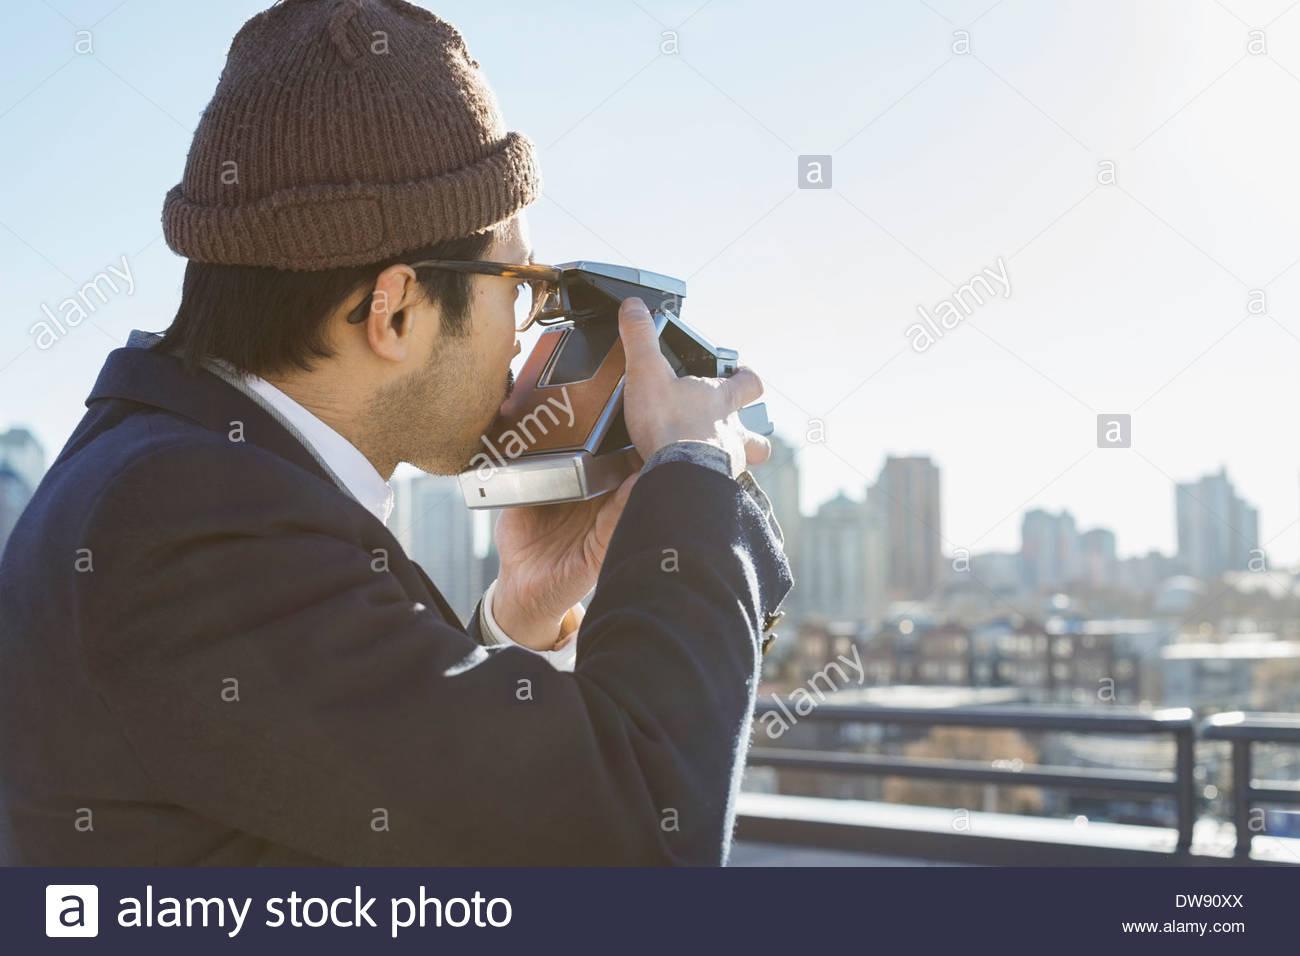 Seitenansicht des Menschen fotografieren Stadtbild von Terrasse Stockbild